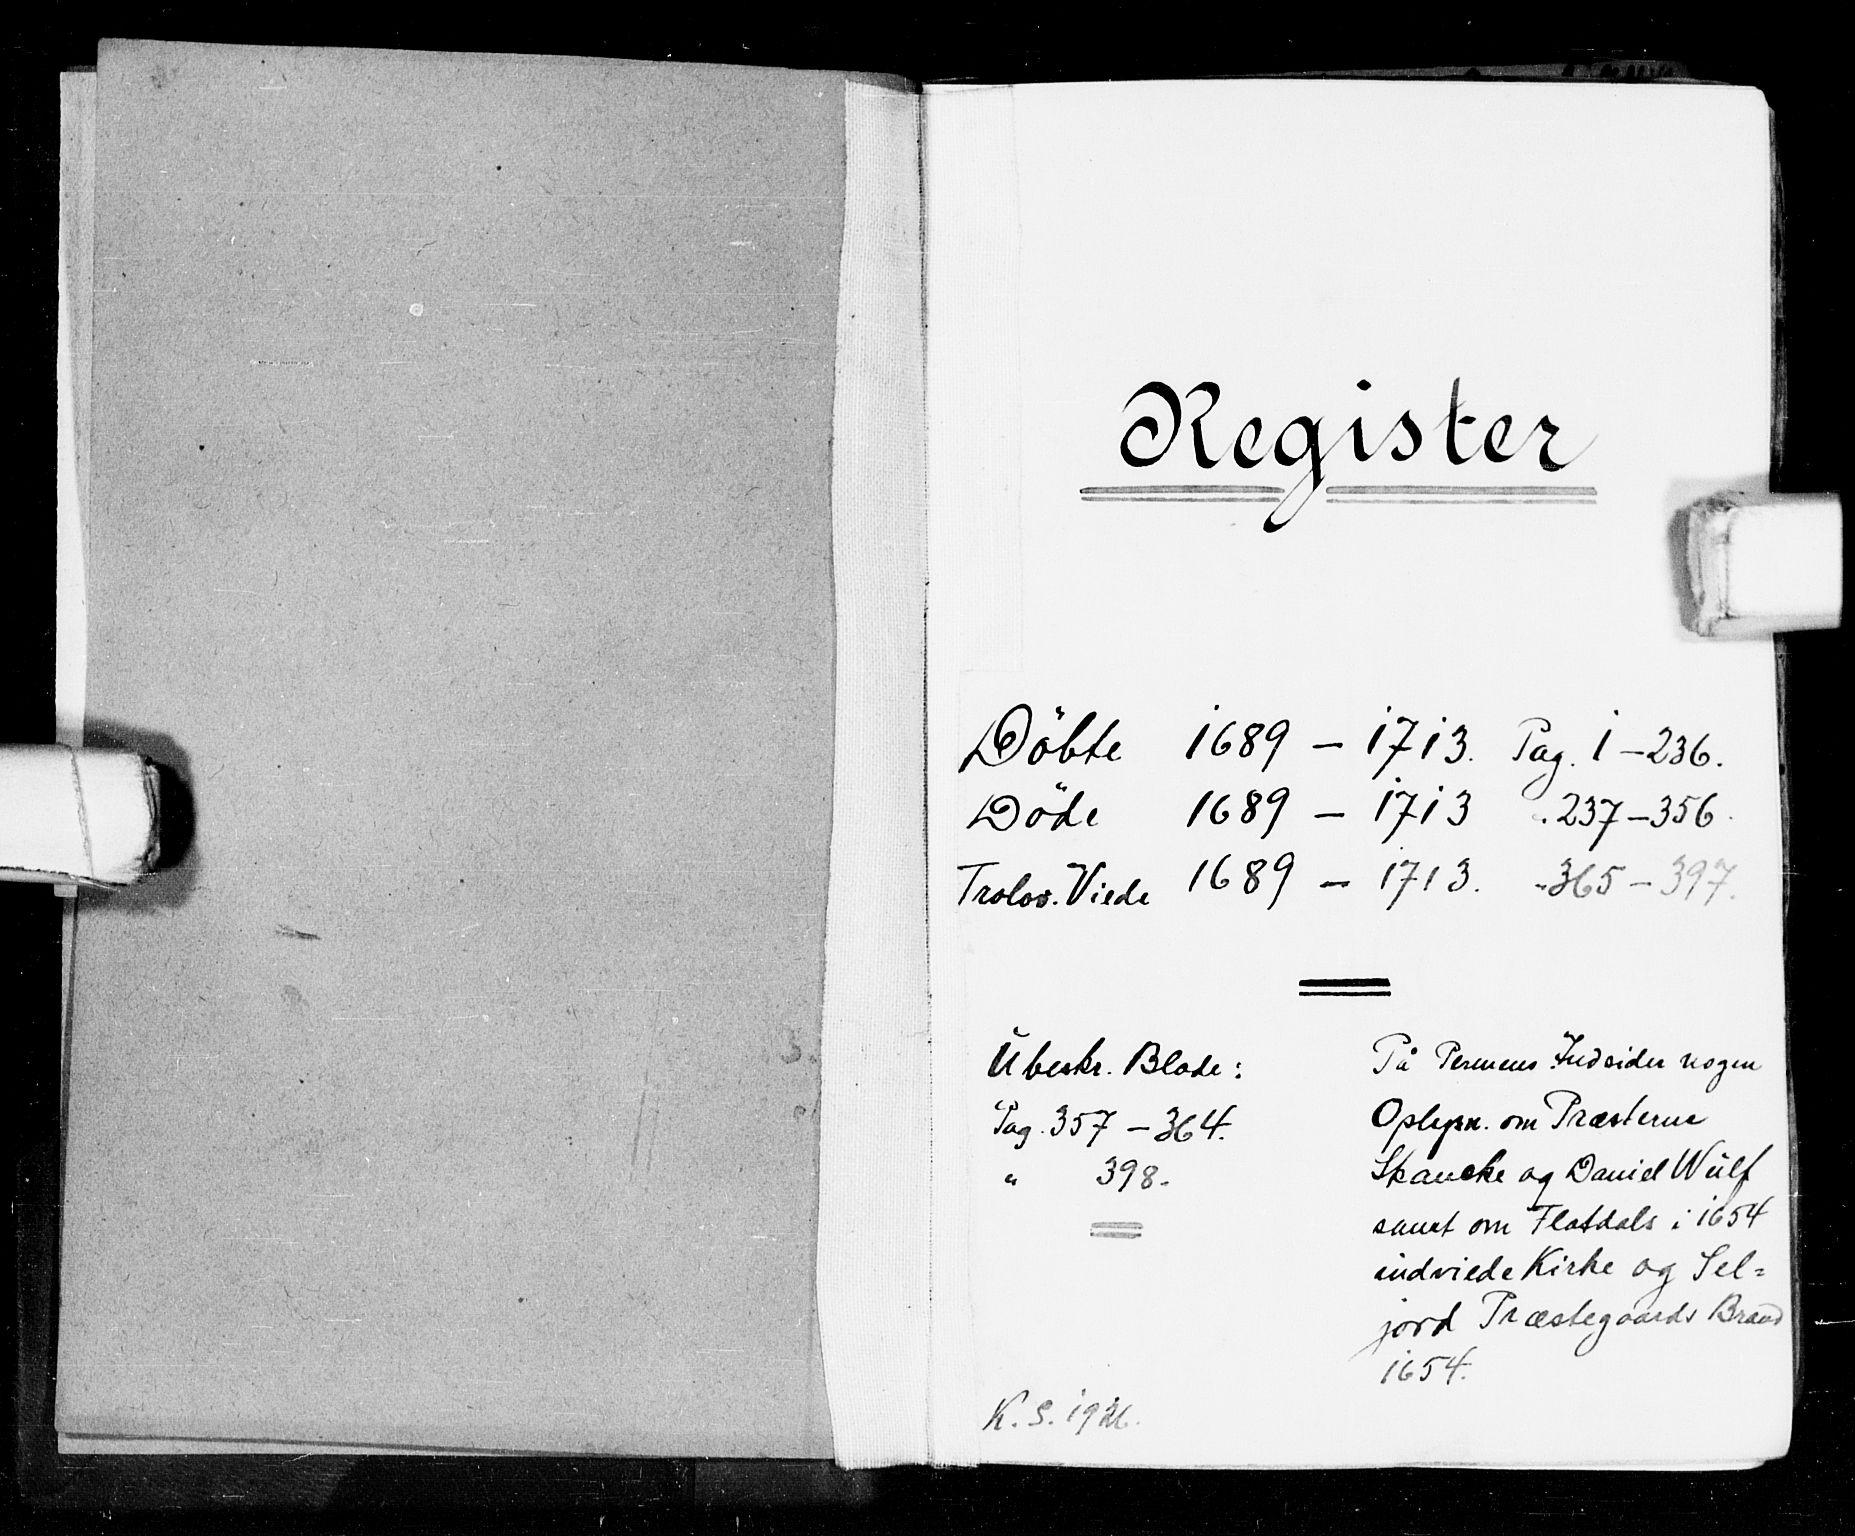 SAKO, Seljord kirkebøker, F/Fa/L0002: Ministerialbok nr. I 2, 1689-1713